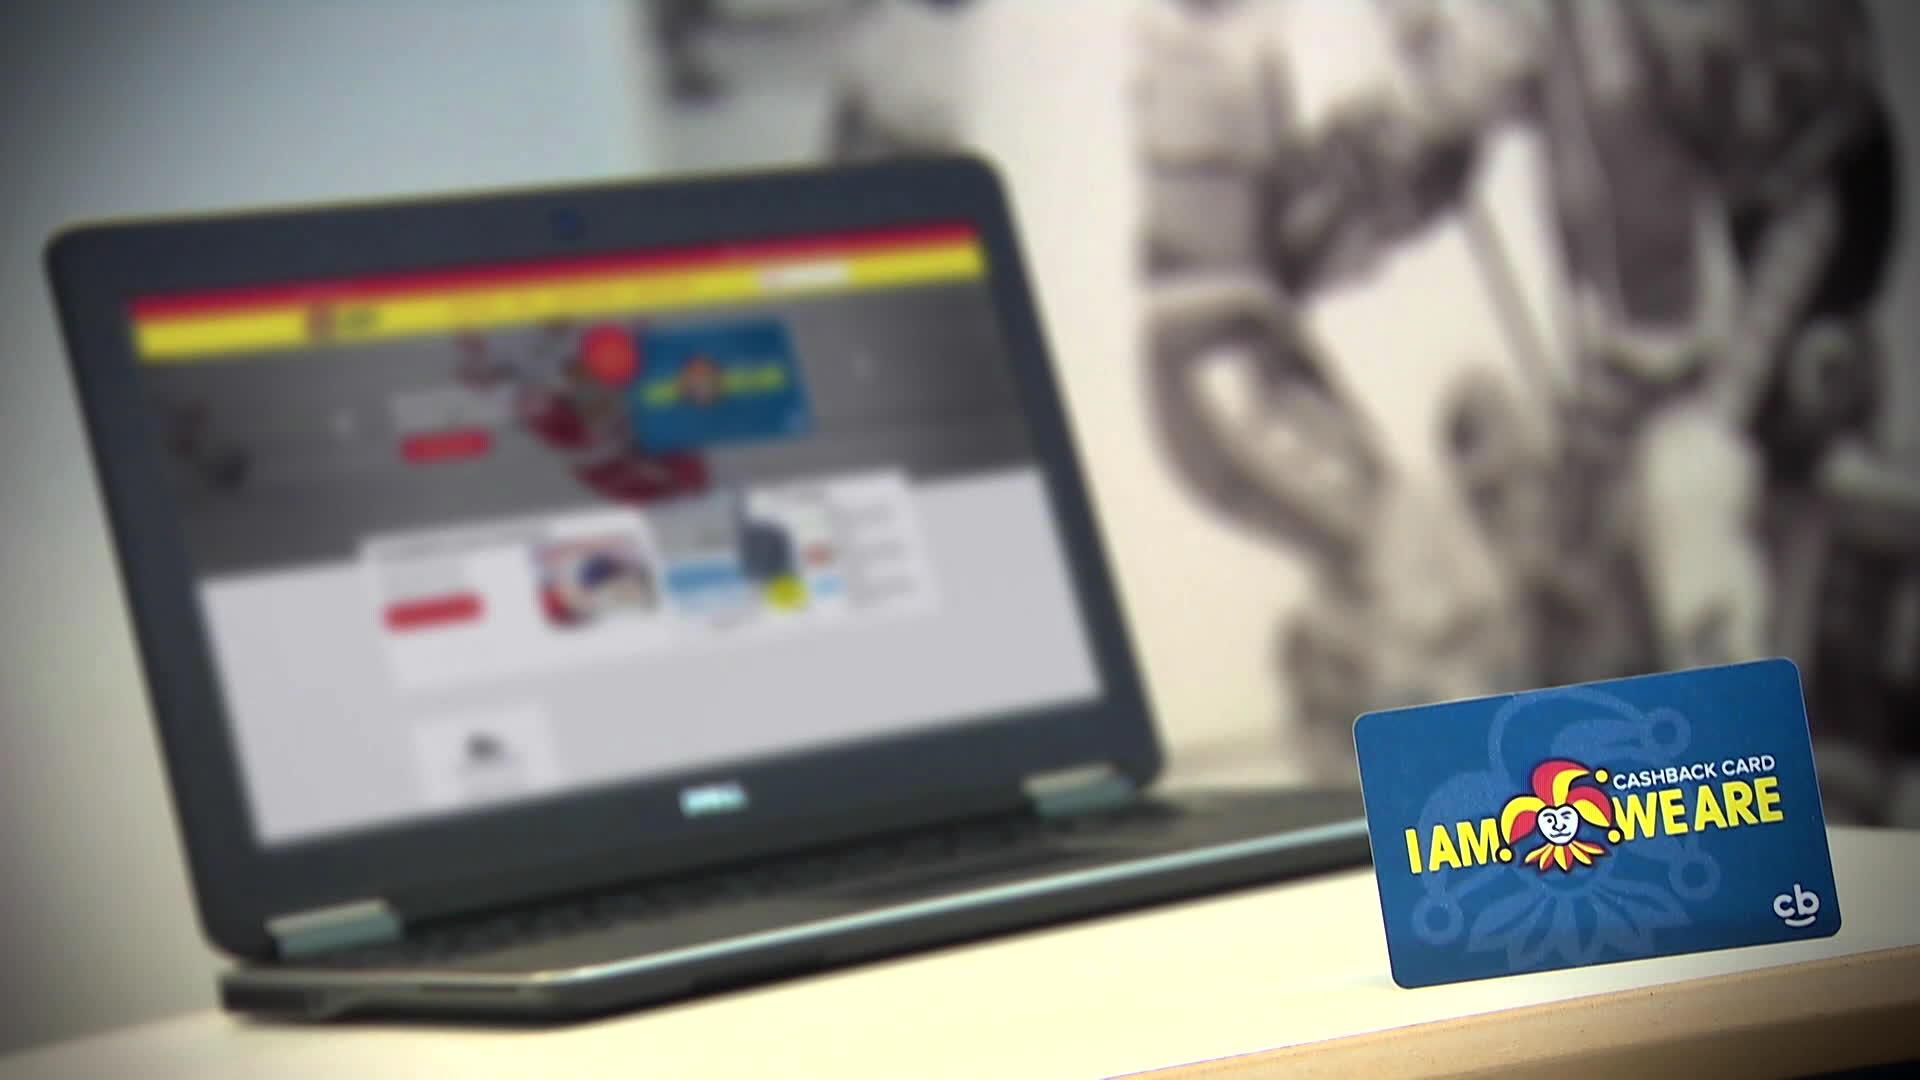 JOKERIT Helsiniki - Online Shopping